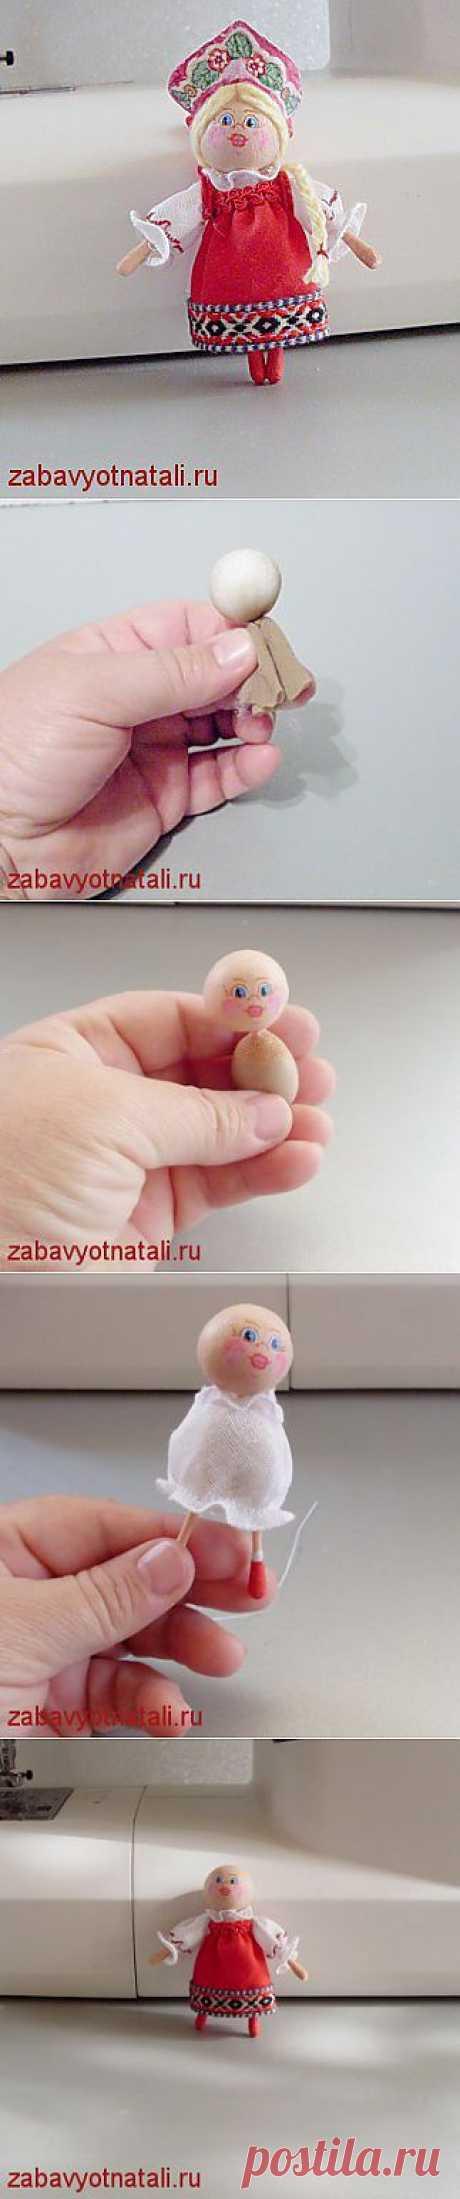 Мастер-класс по маленькой куколке | Забавы от Натальи